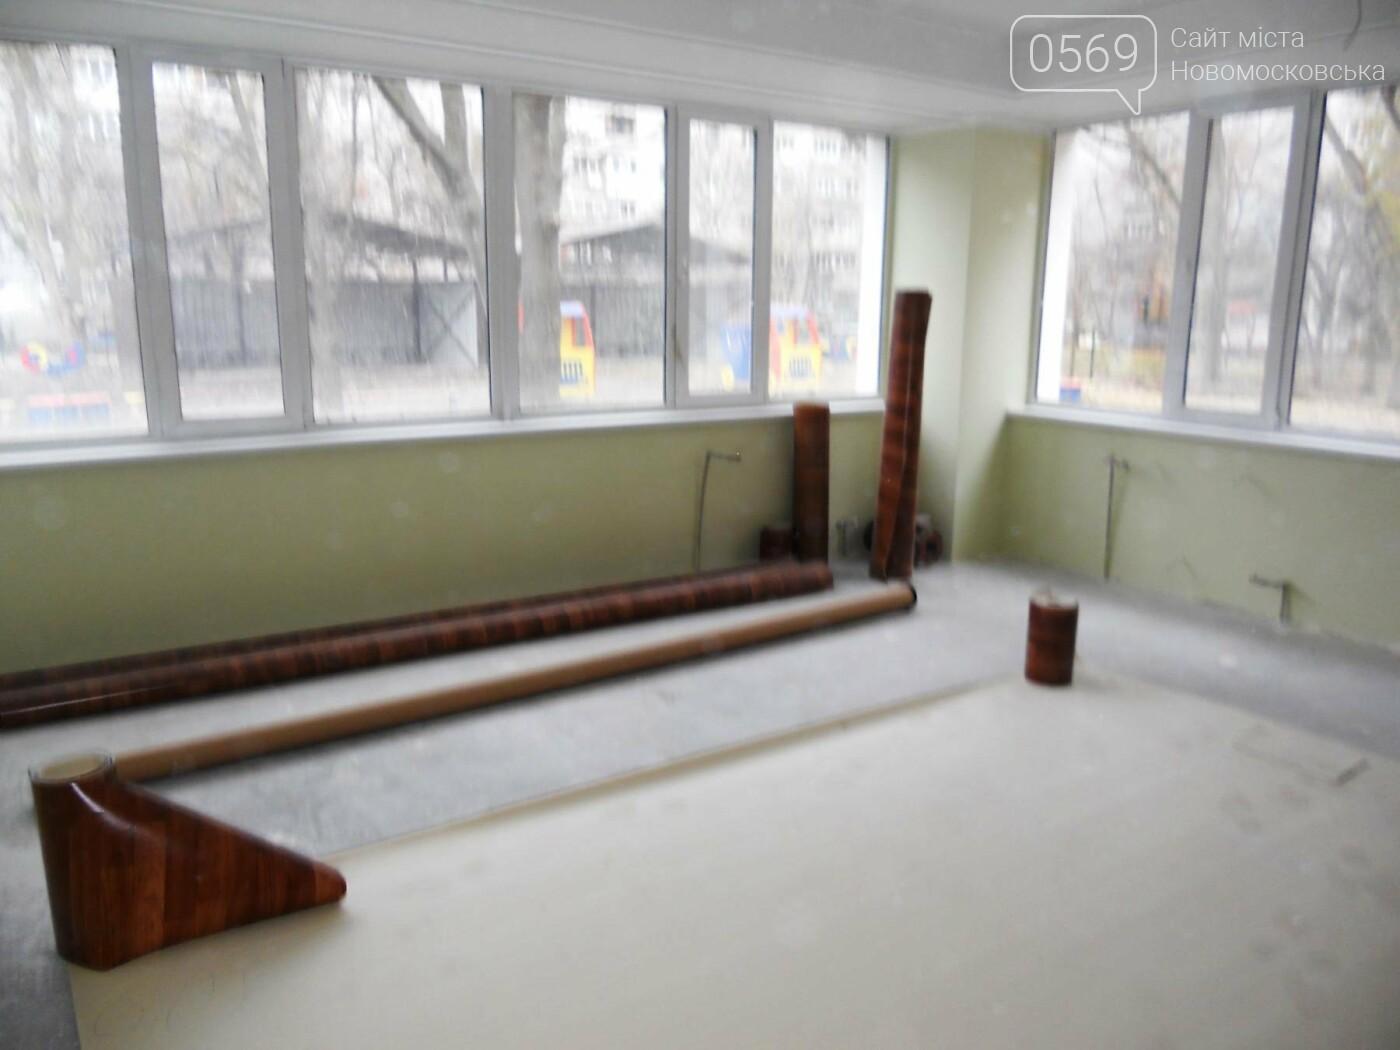 Детсад «Чебурашка» в Новомосковске: реконструкция завершается, а крыша течет, фото-7